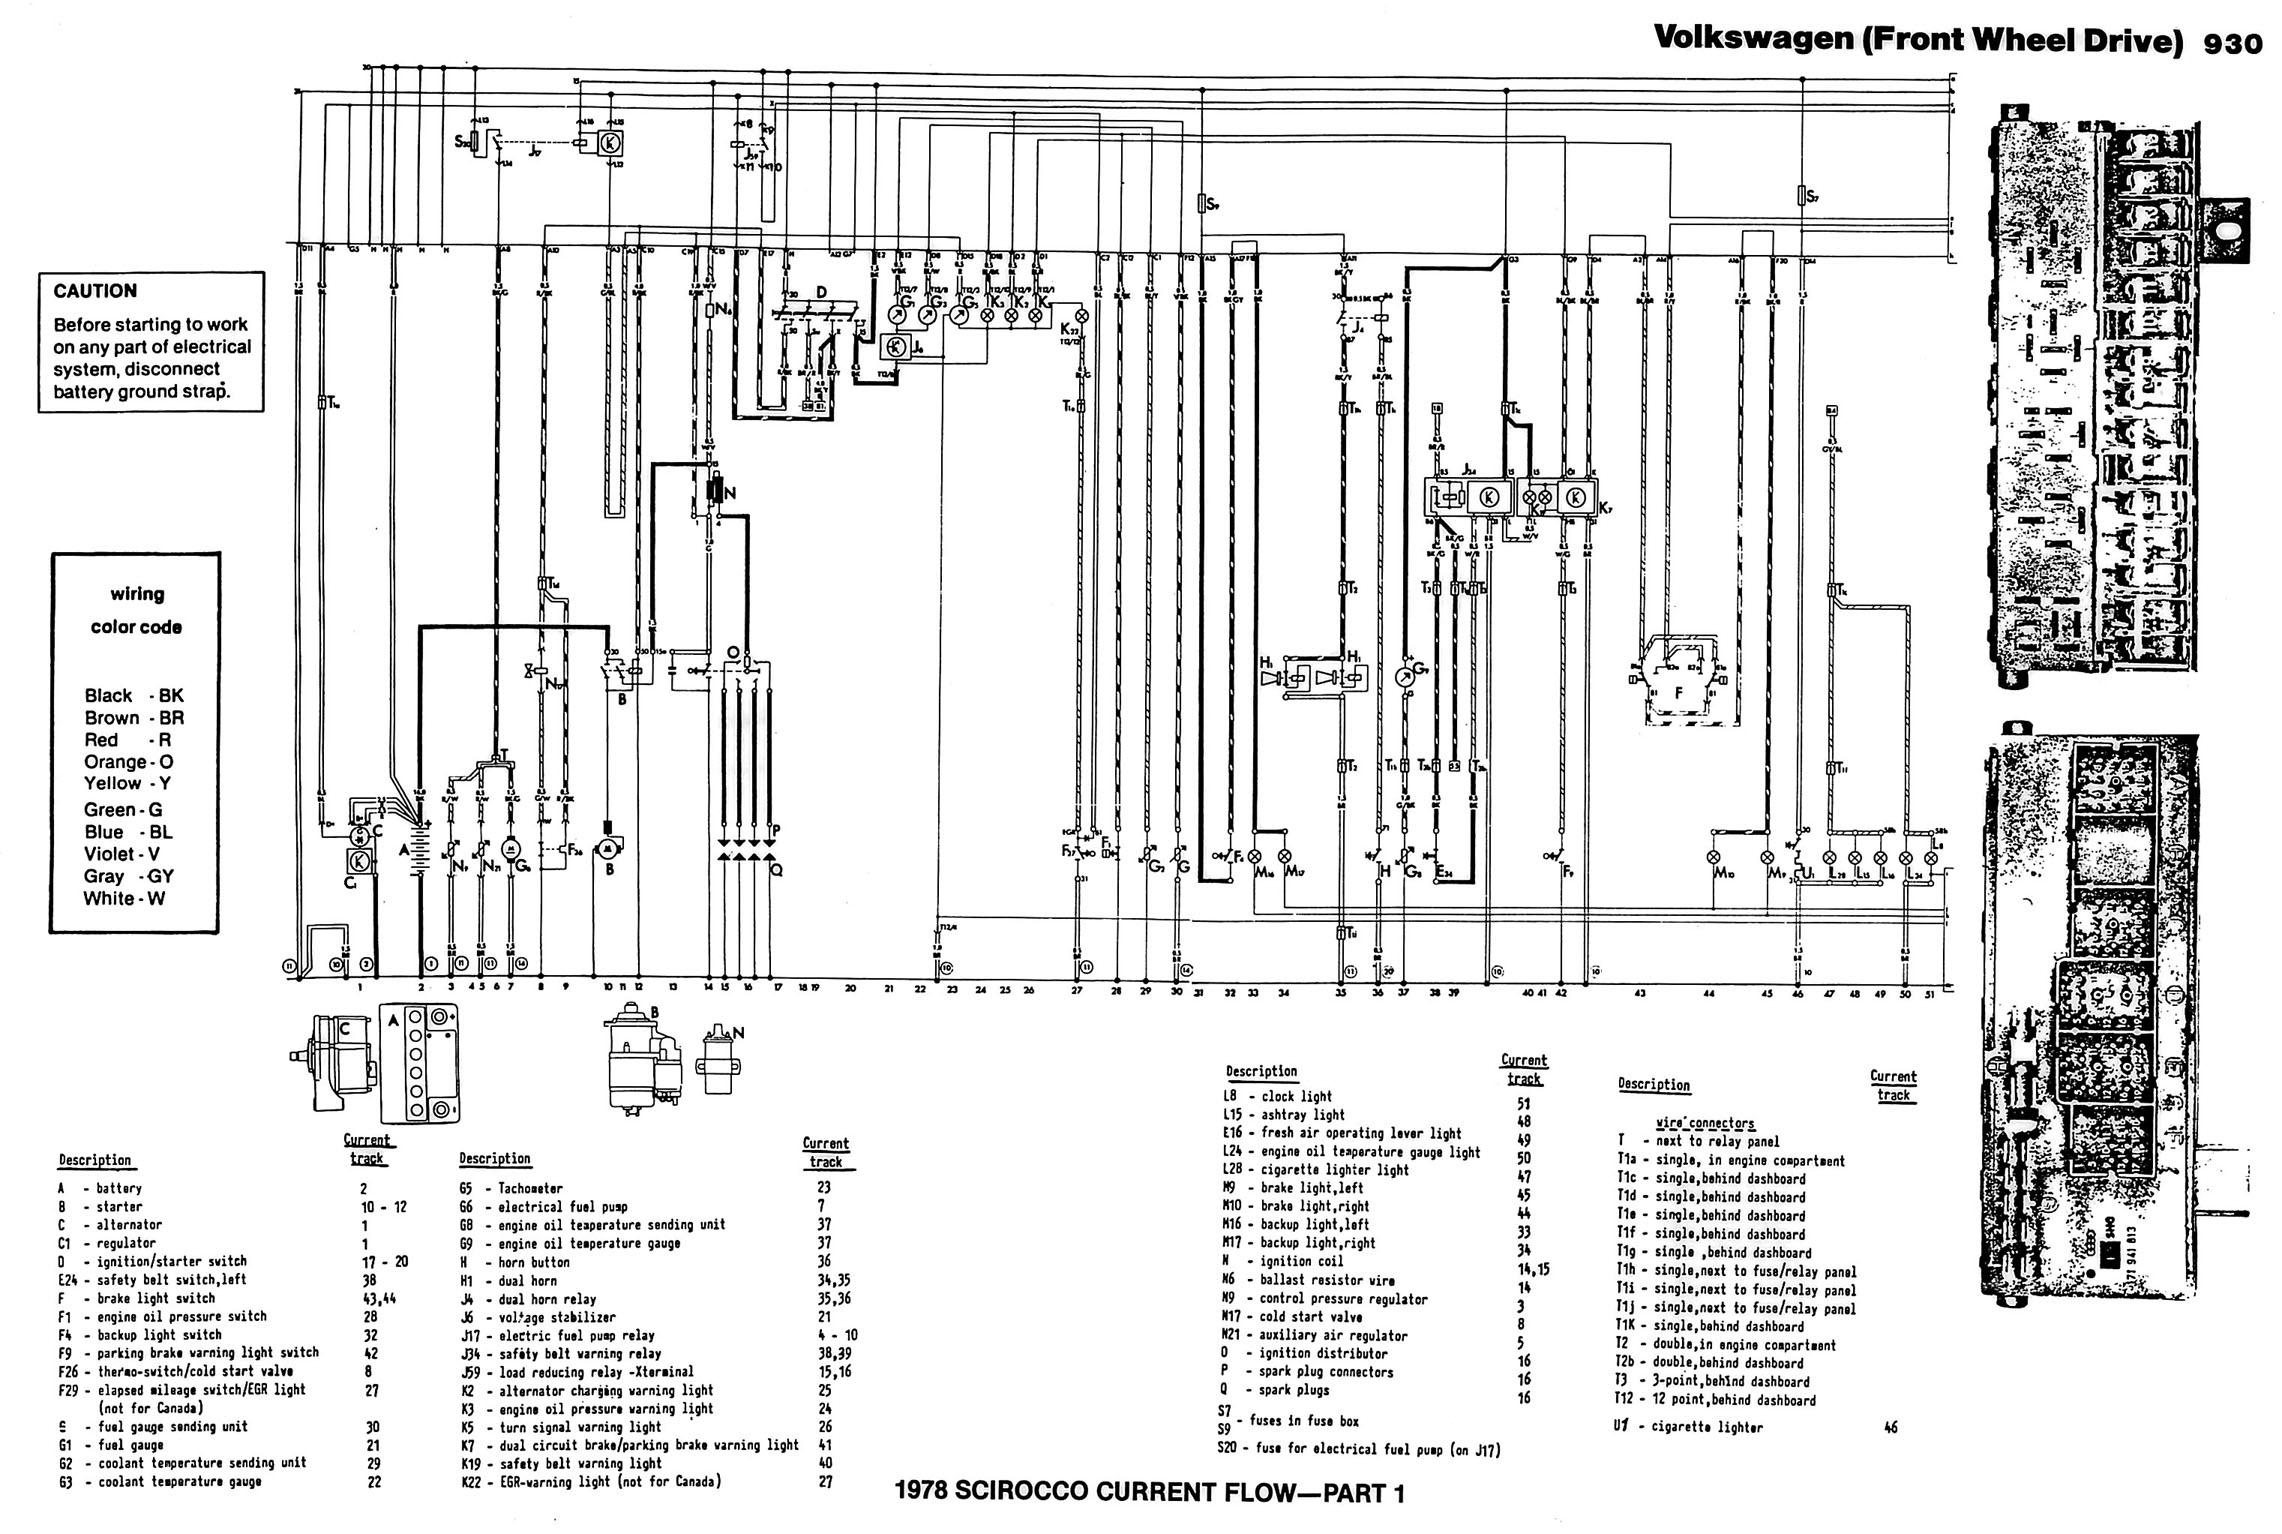 Volkswagen Rabbit Wiring Diagram